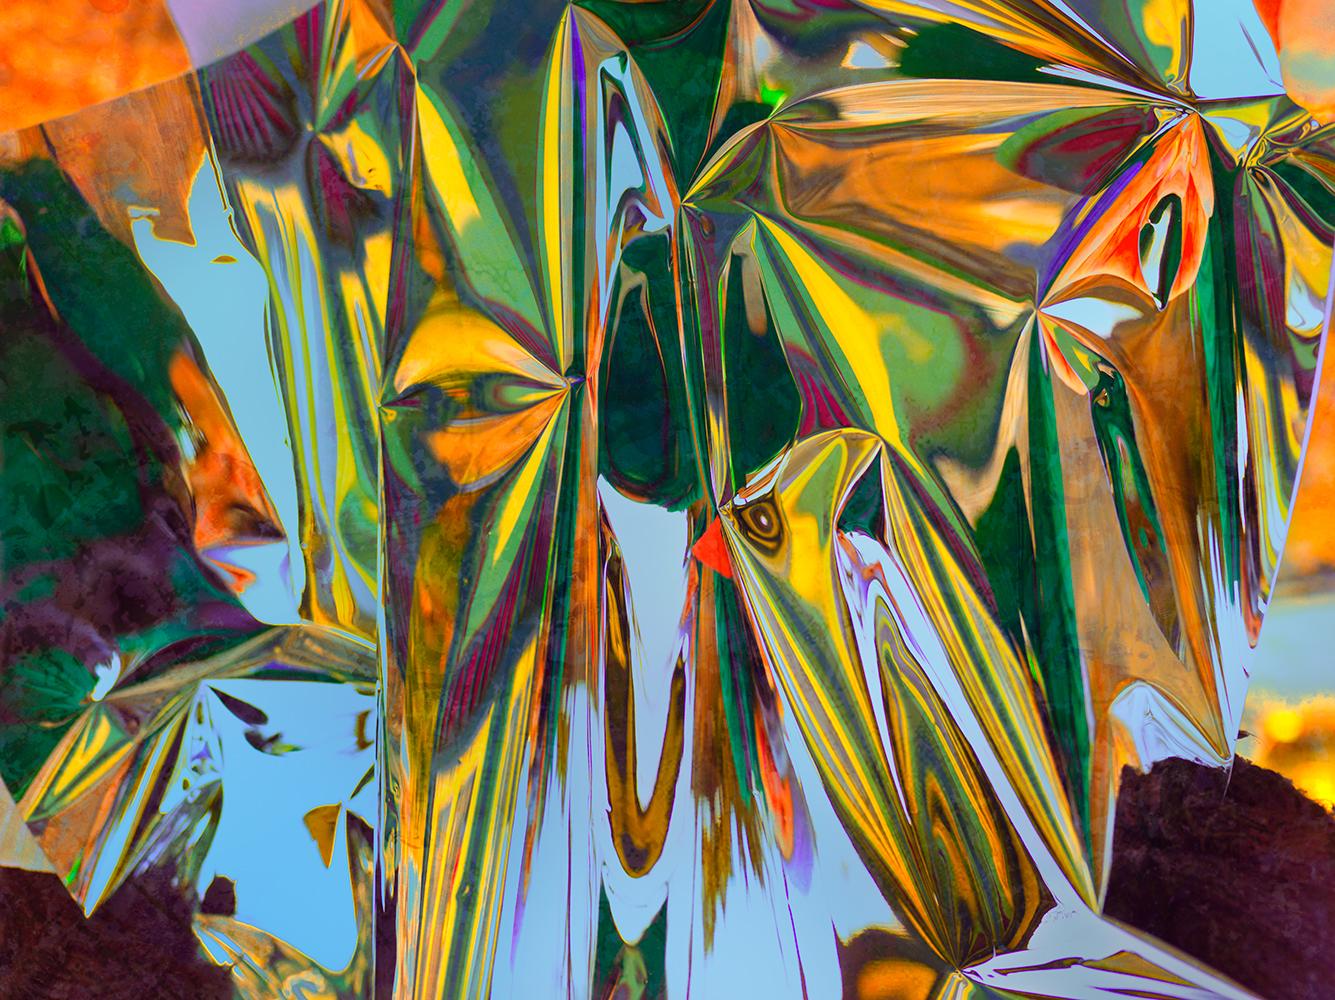 Elias Wessel  Hinter den Dingen 7 , 2017  Color Photograph  Original: 180 x 240.3 cm